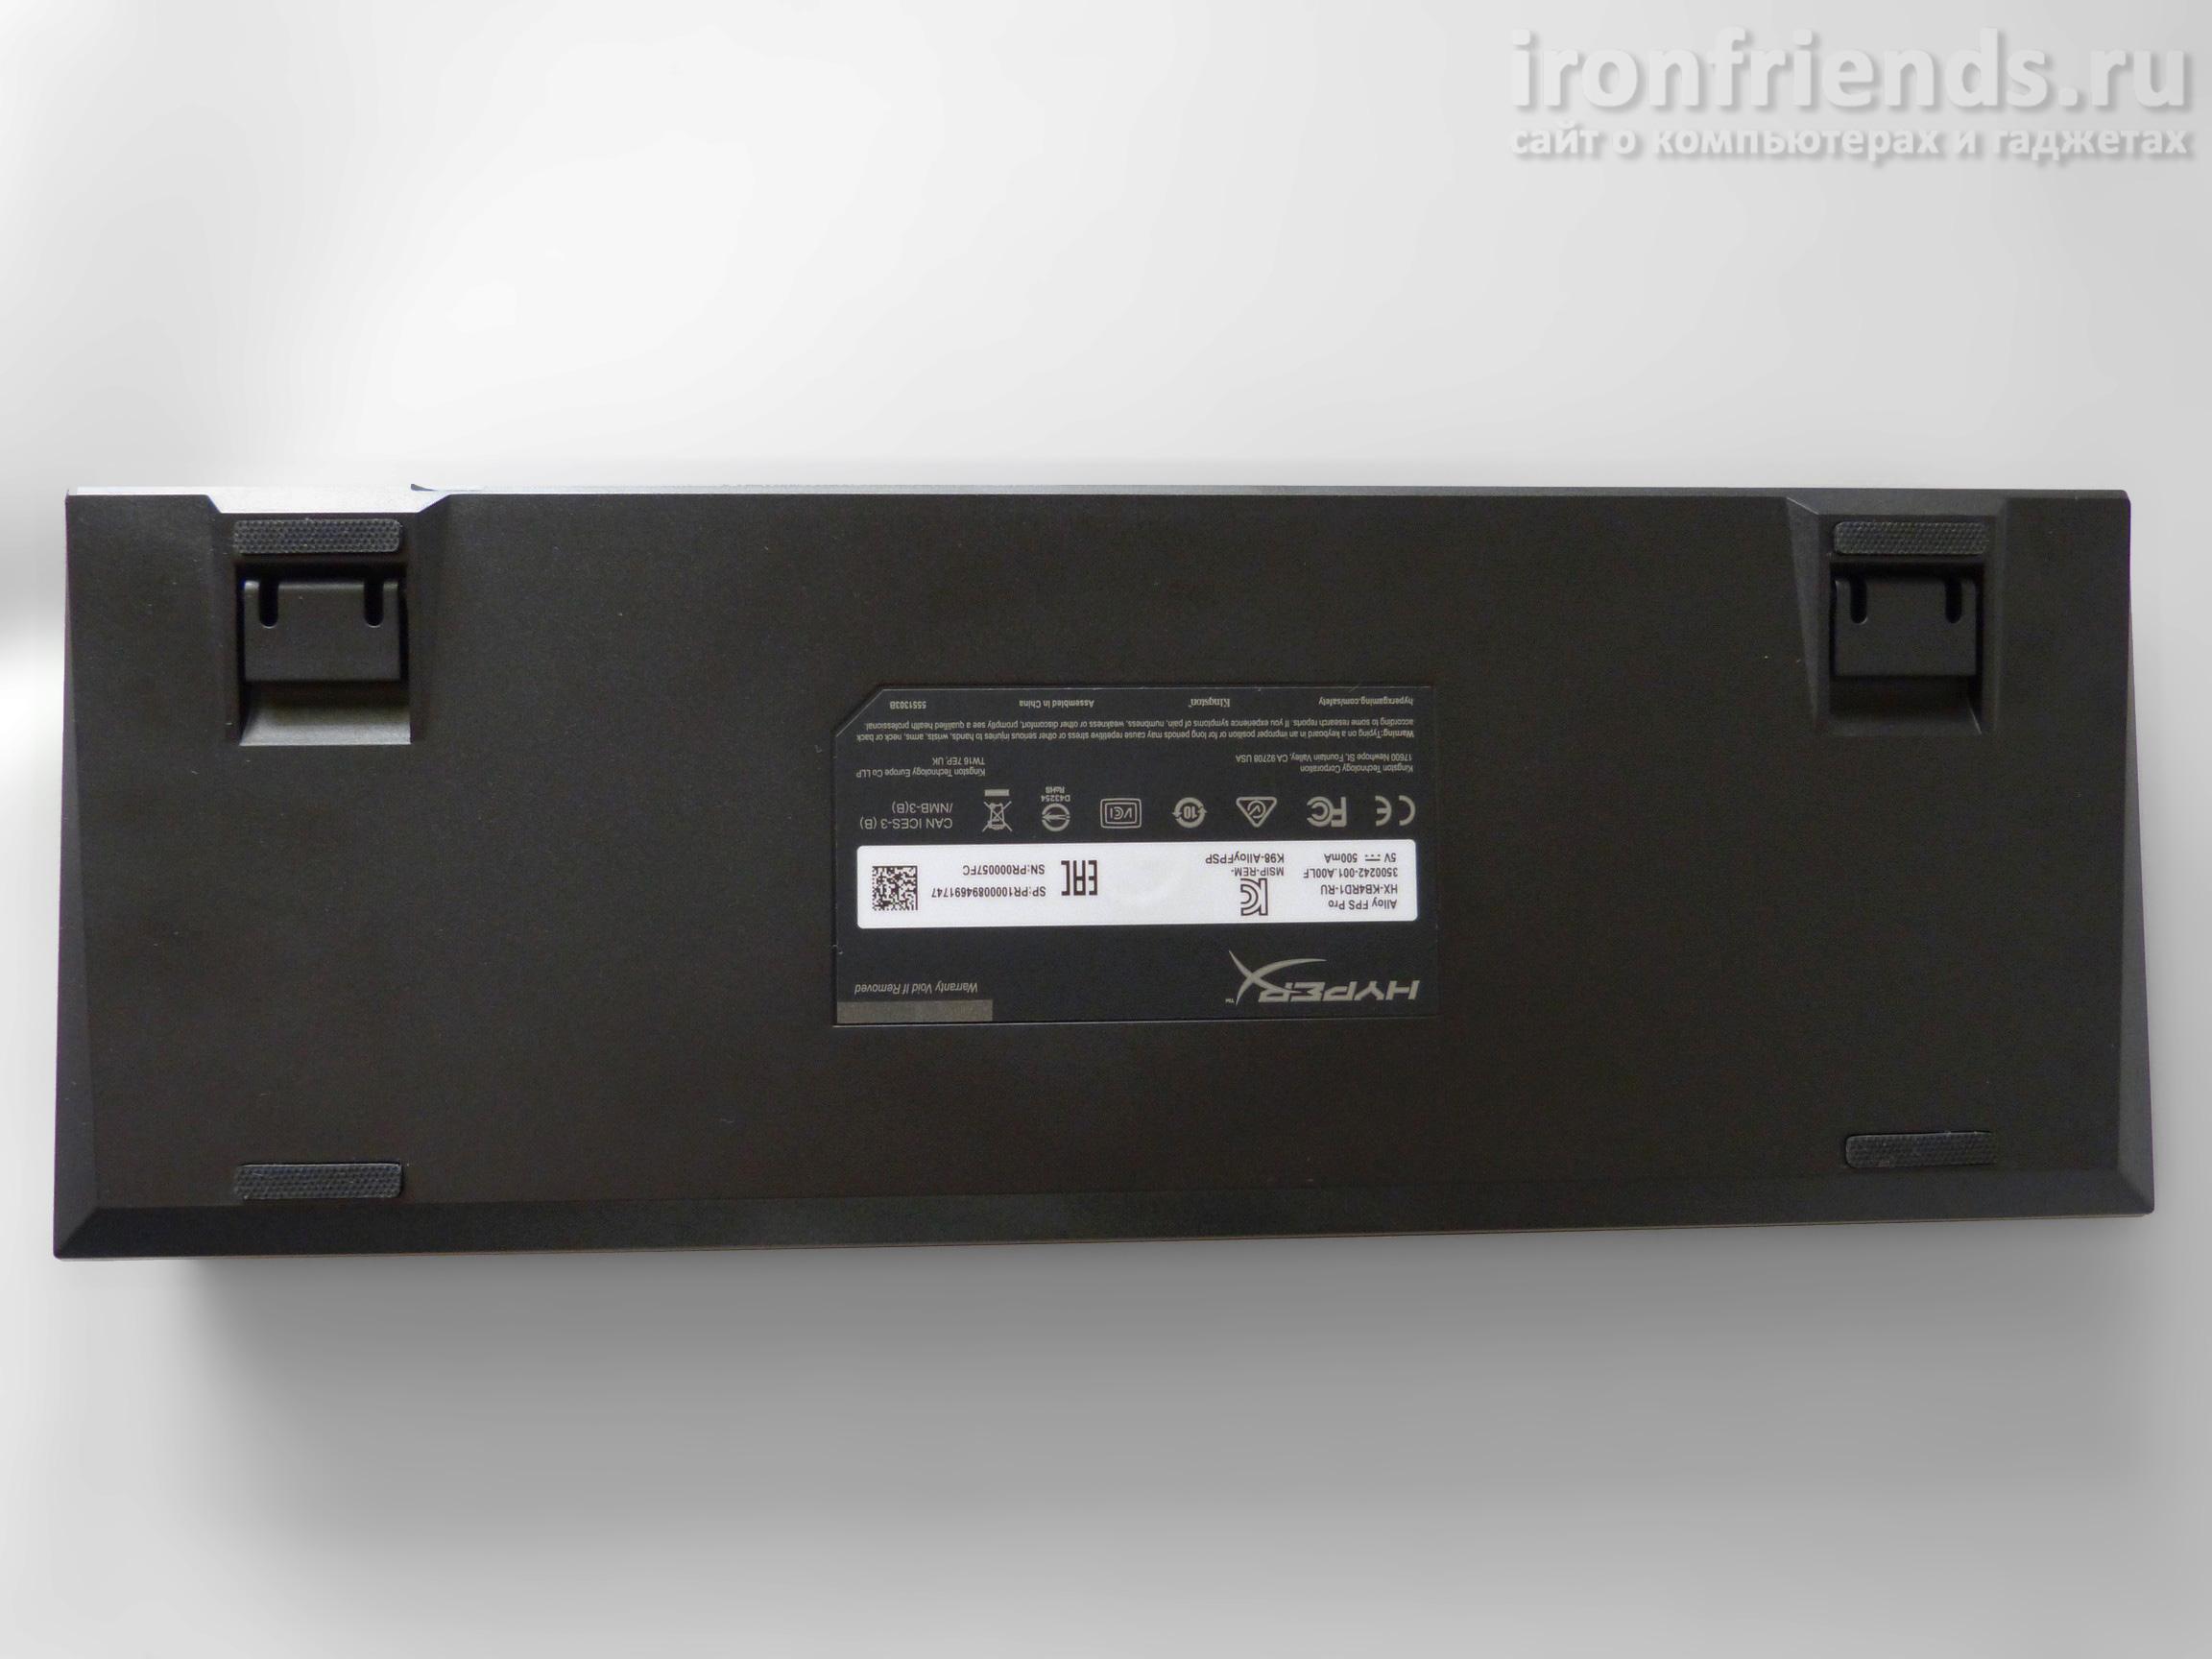 Клавиатура HyperX Alloy FPS Pro